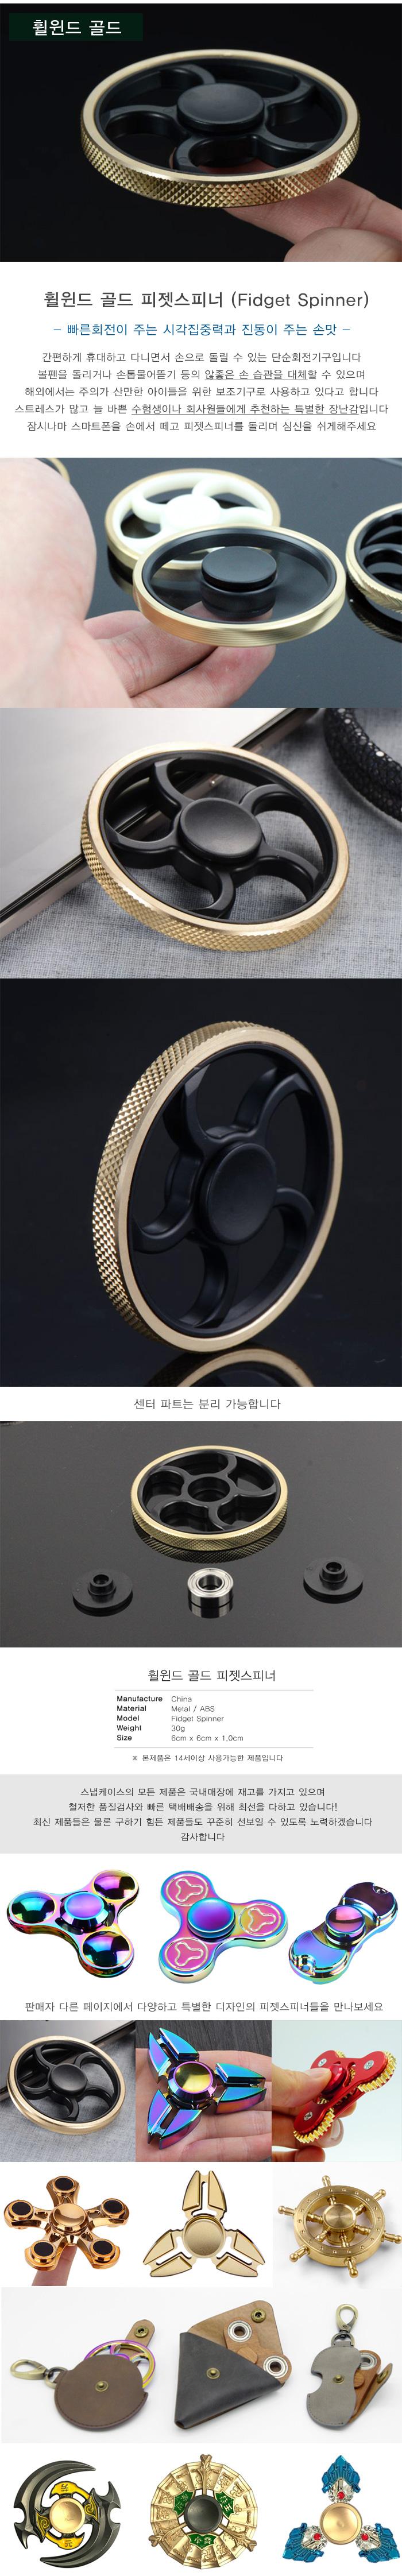 메탈 피젯스피너 휠윈드 골드 Fidget Spinner - 스냅케이스, 8,900원, 작동완구, 피젯스피너